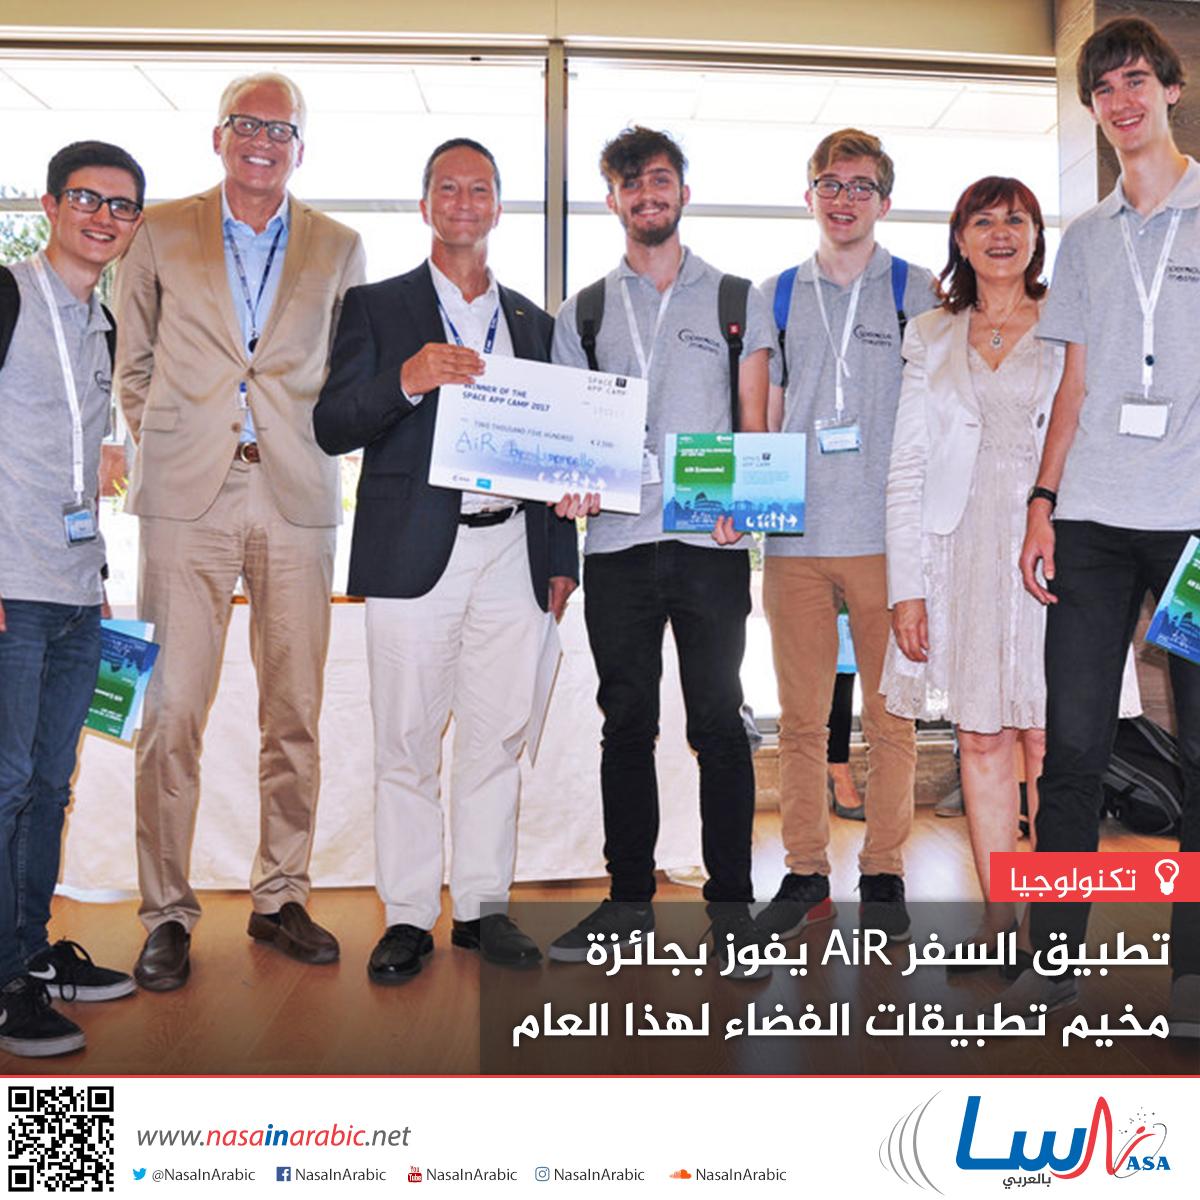 تطبيق السفر AiR يفوز بجائزة مخيم تطبيقات الفضاء لهذا العام